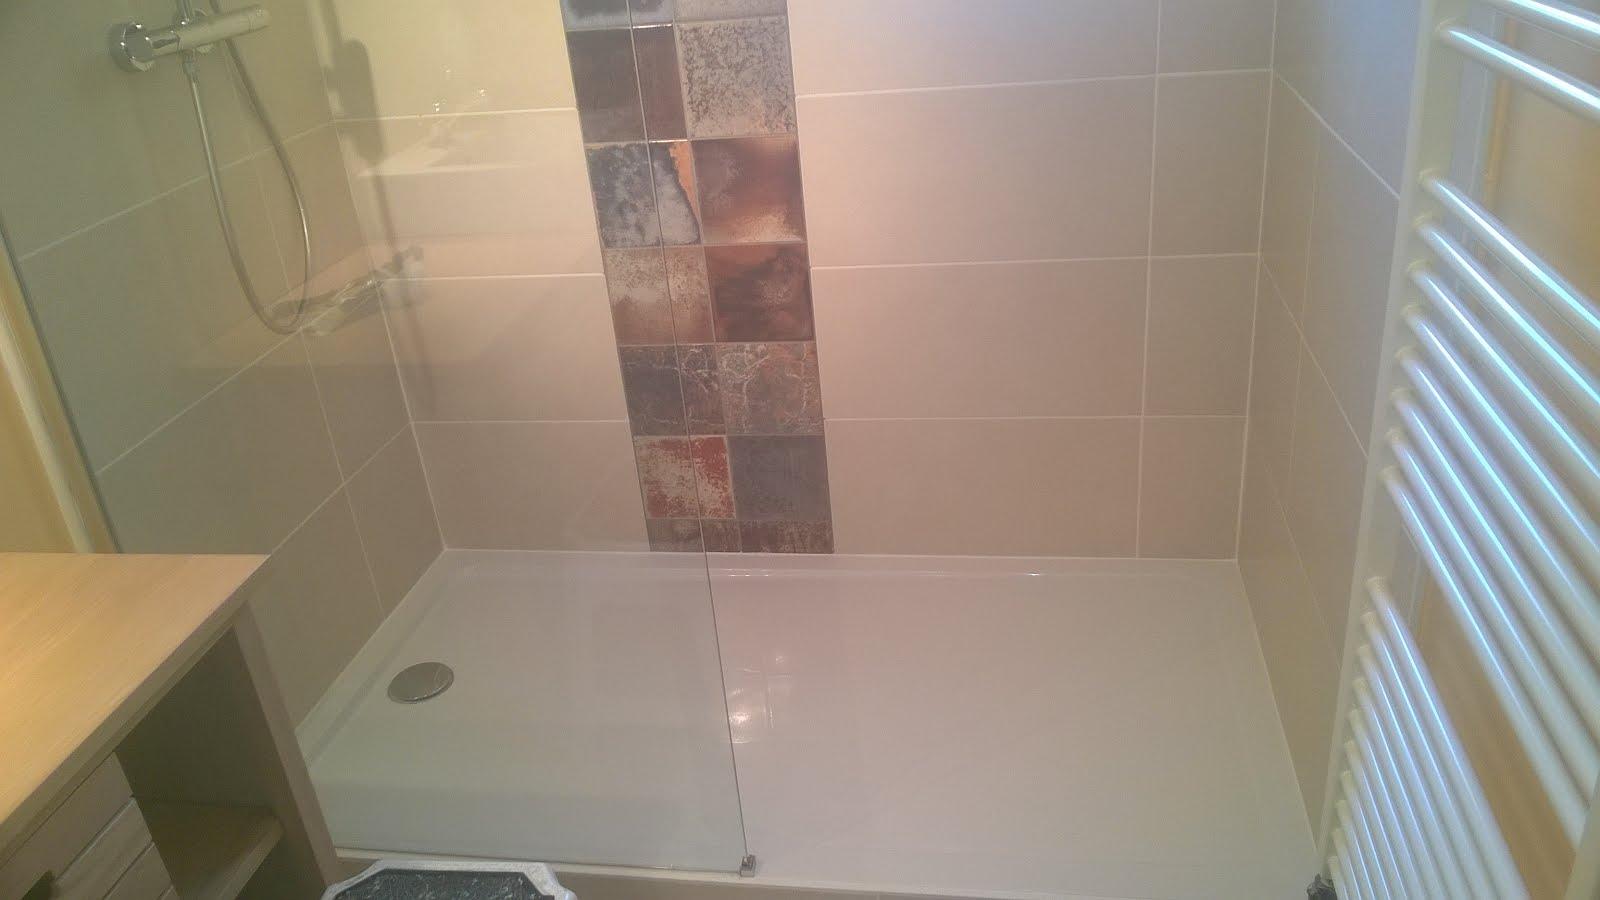 Carrelage Salle De Bain Pose Horizontale ~ salle de bain frise verticale id es inspir es pour la maison